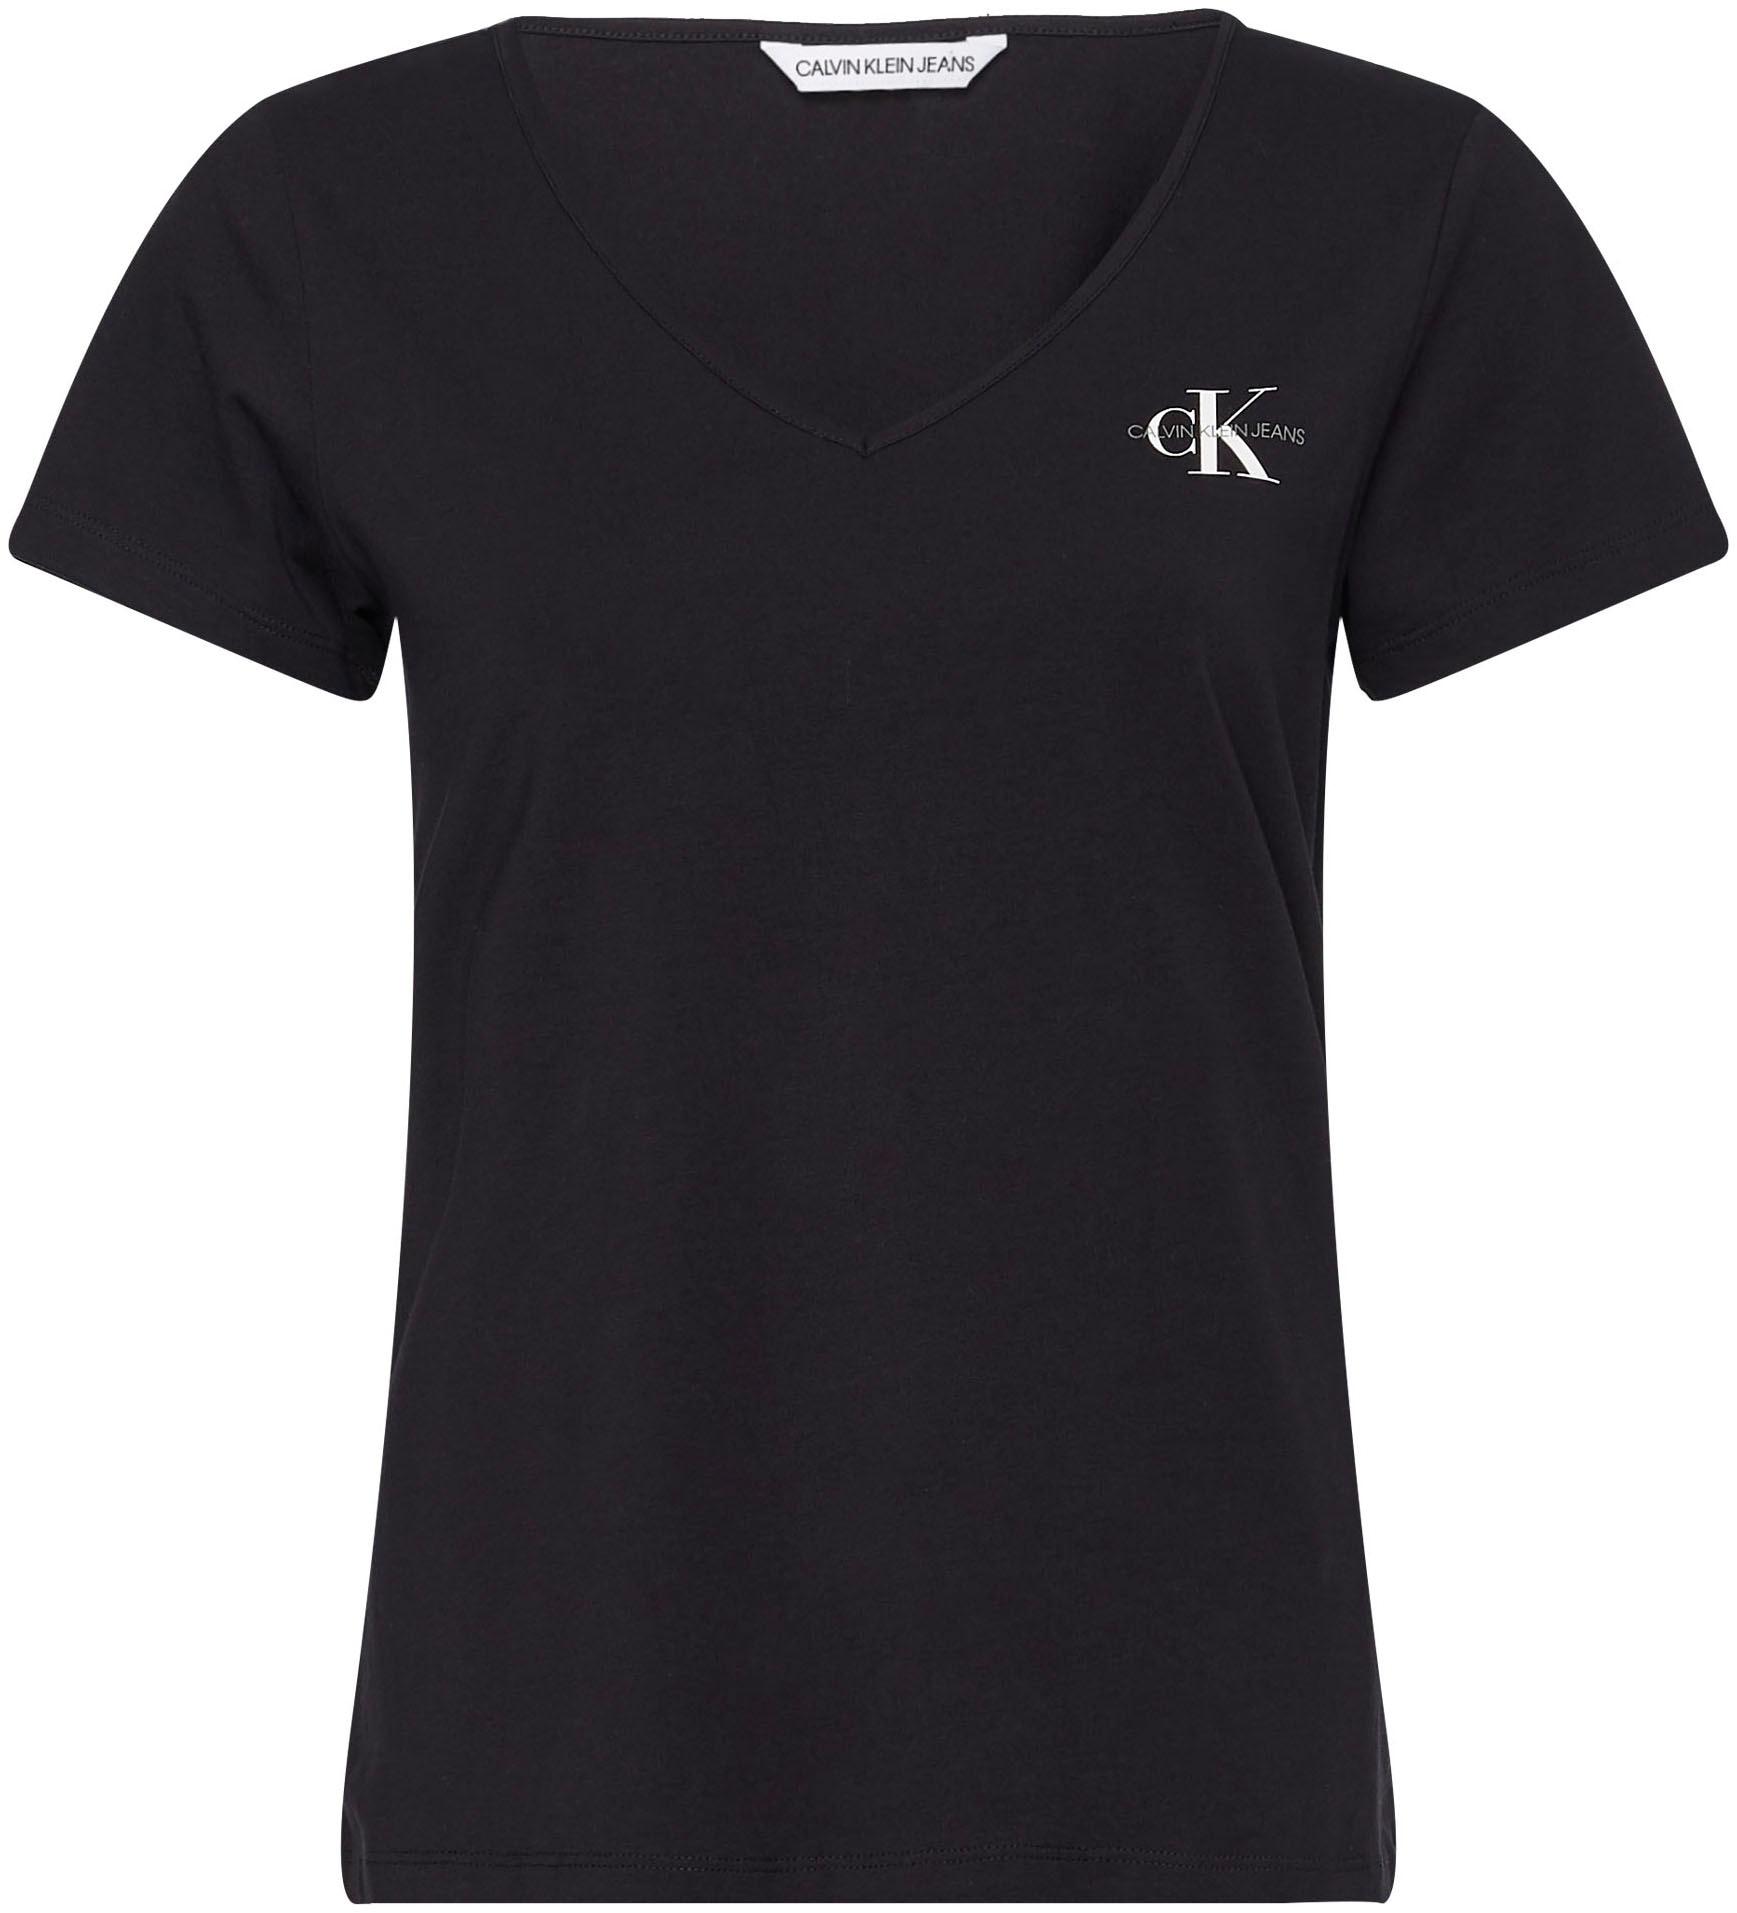 calvin klein jeans -  V-Shirt MONOGRAM SLIM V-NECK TEE, mit CK Monogramm Logo &  Schriftzug